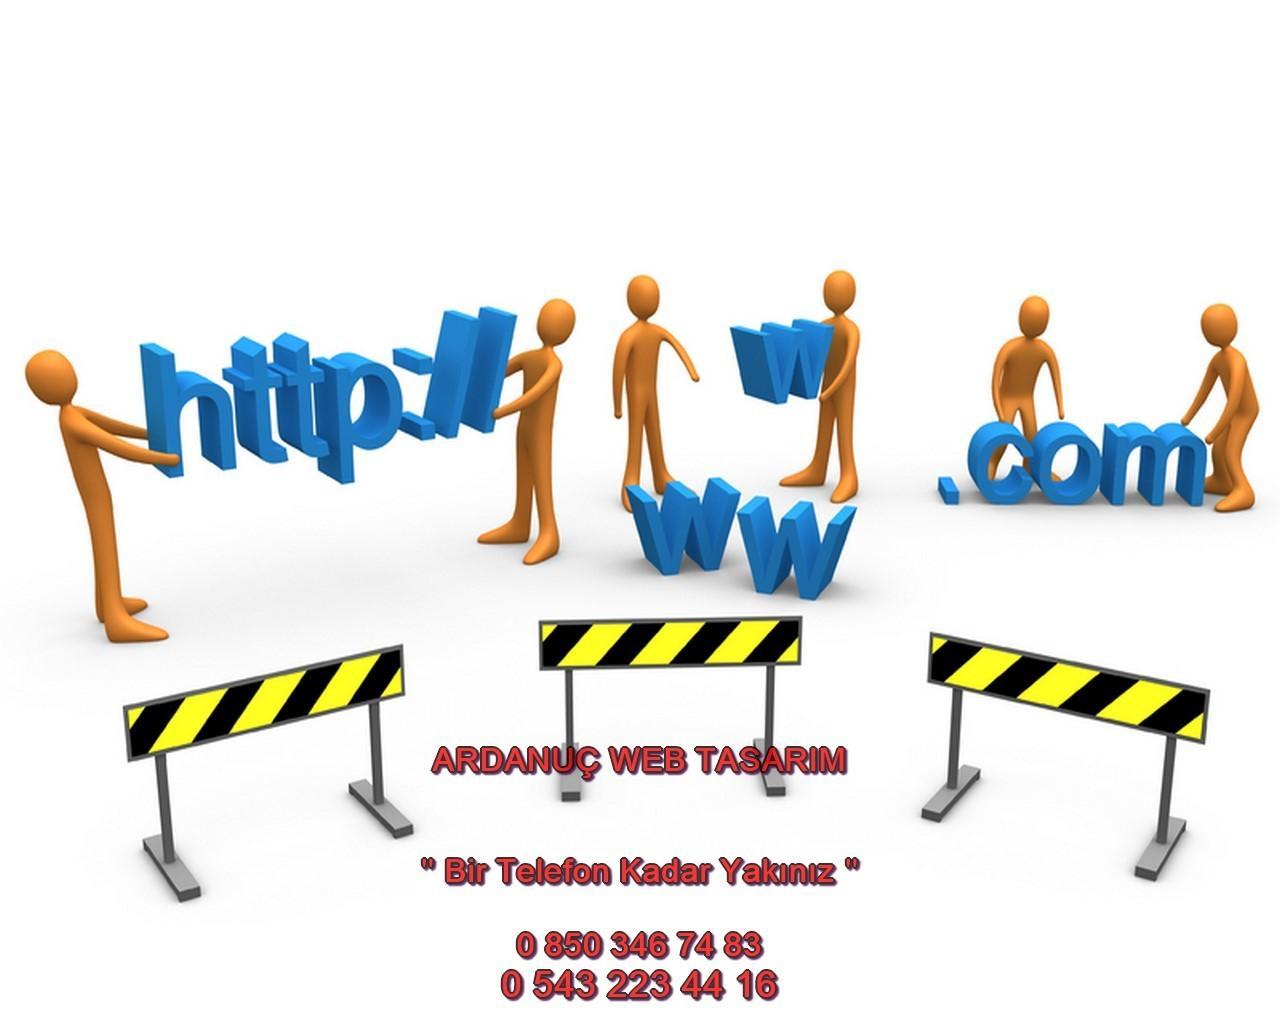 Ardanuç Web Tasarım